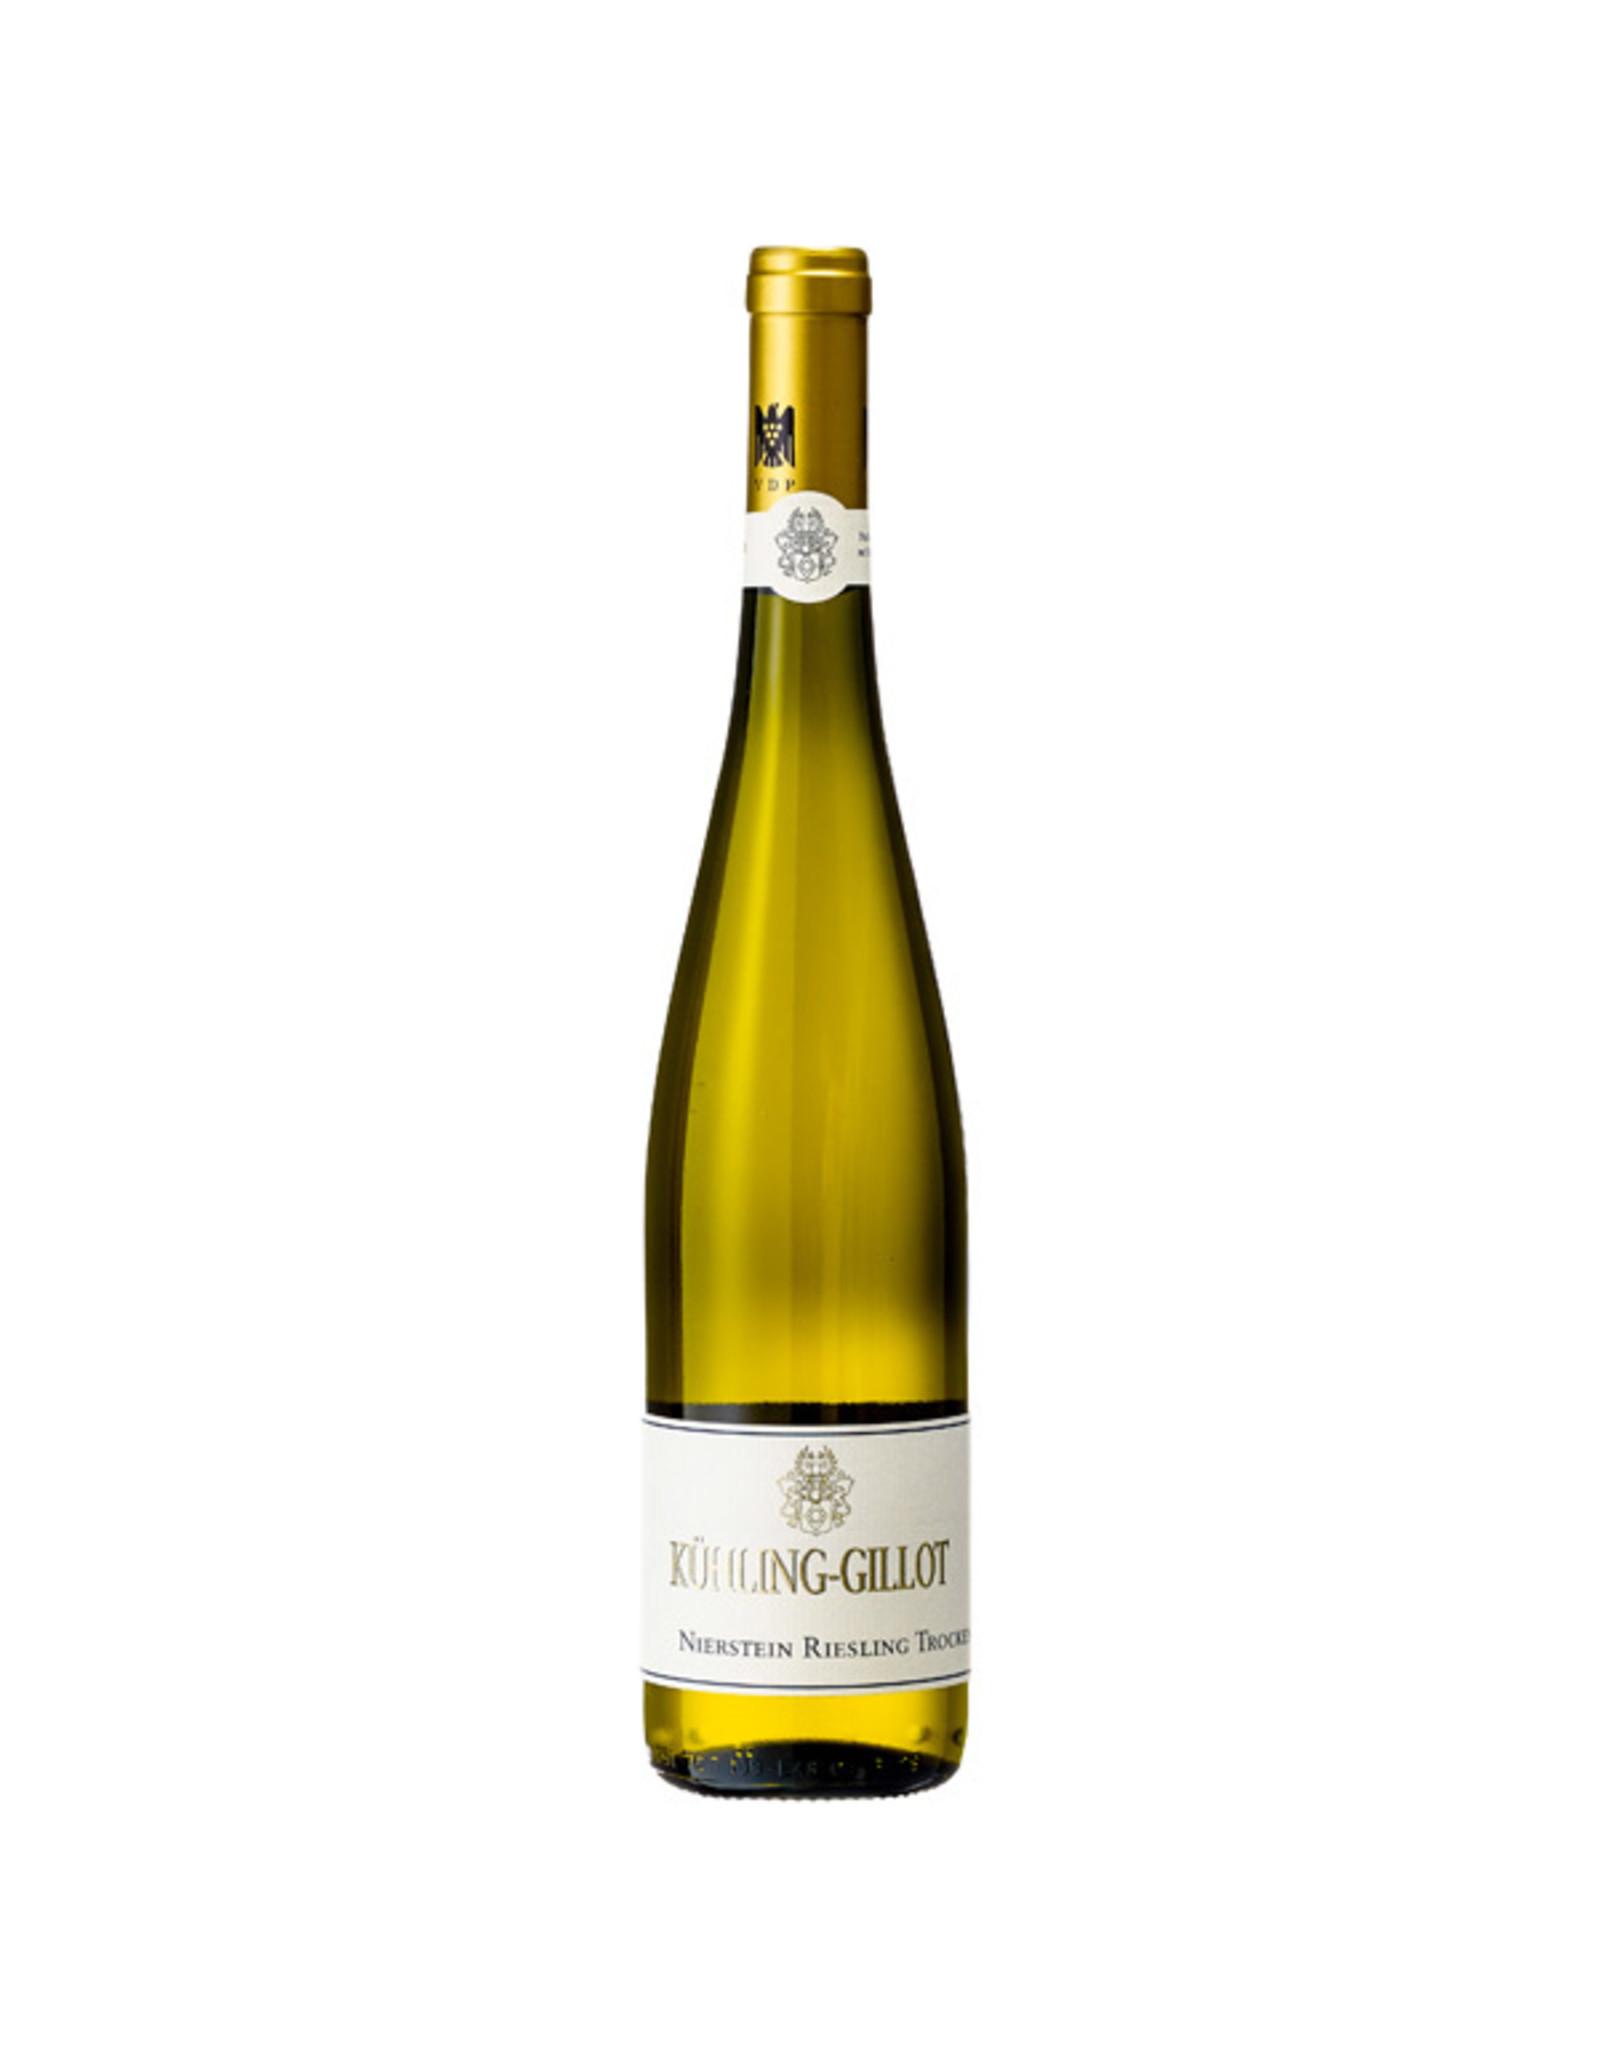 Weingut Kühling-Gillot, Bodenheim Kuhling Gillot Nackenheim 2018